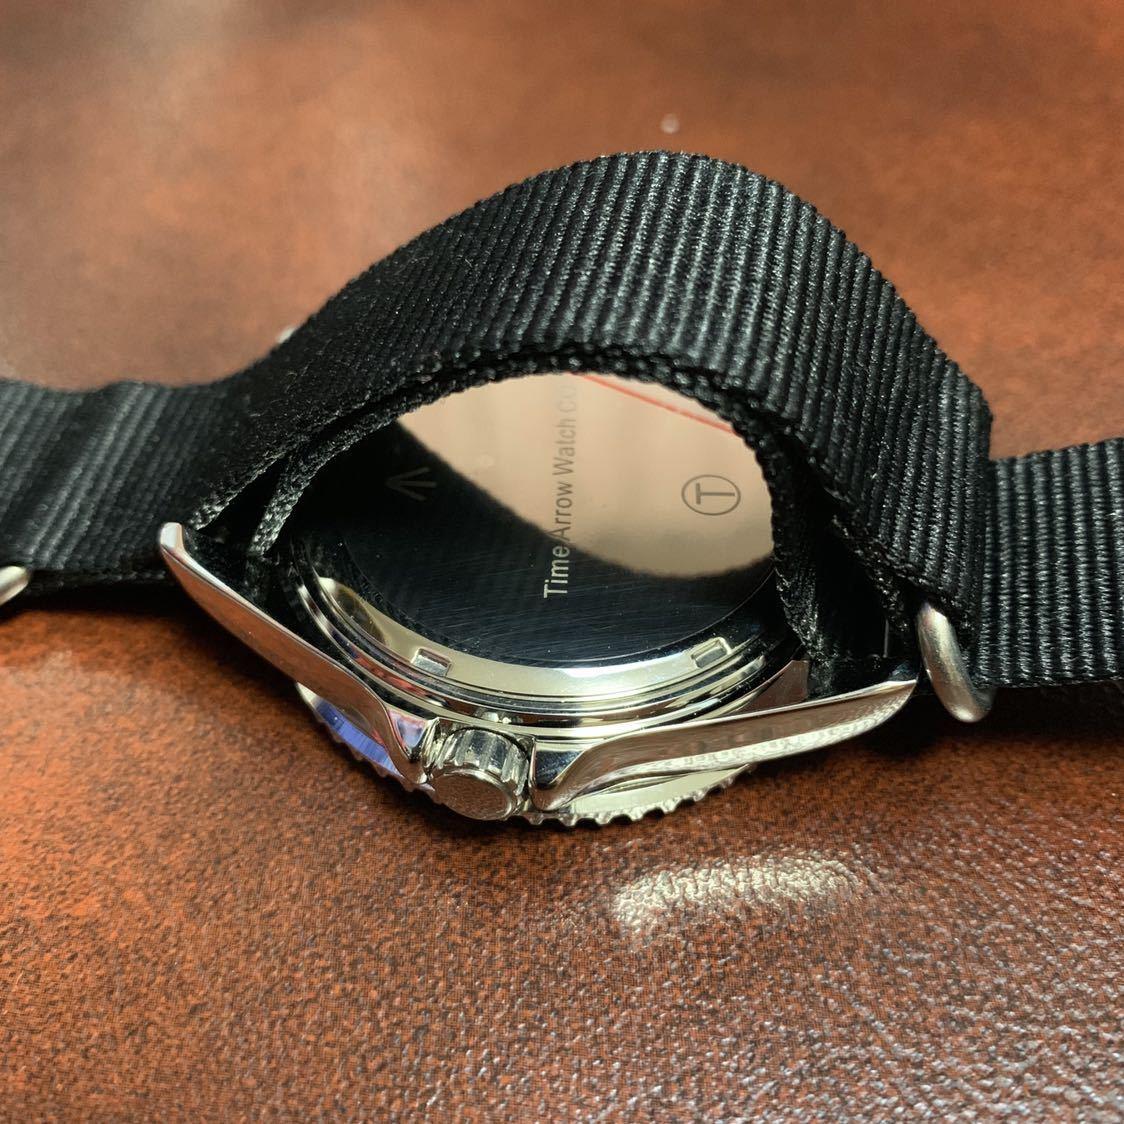 新品 未使用 TIME ARROW WATCH ミリタリー ダイバー クォーツ 腕時計 時計 軍用 オマージュ_画像3